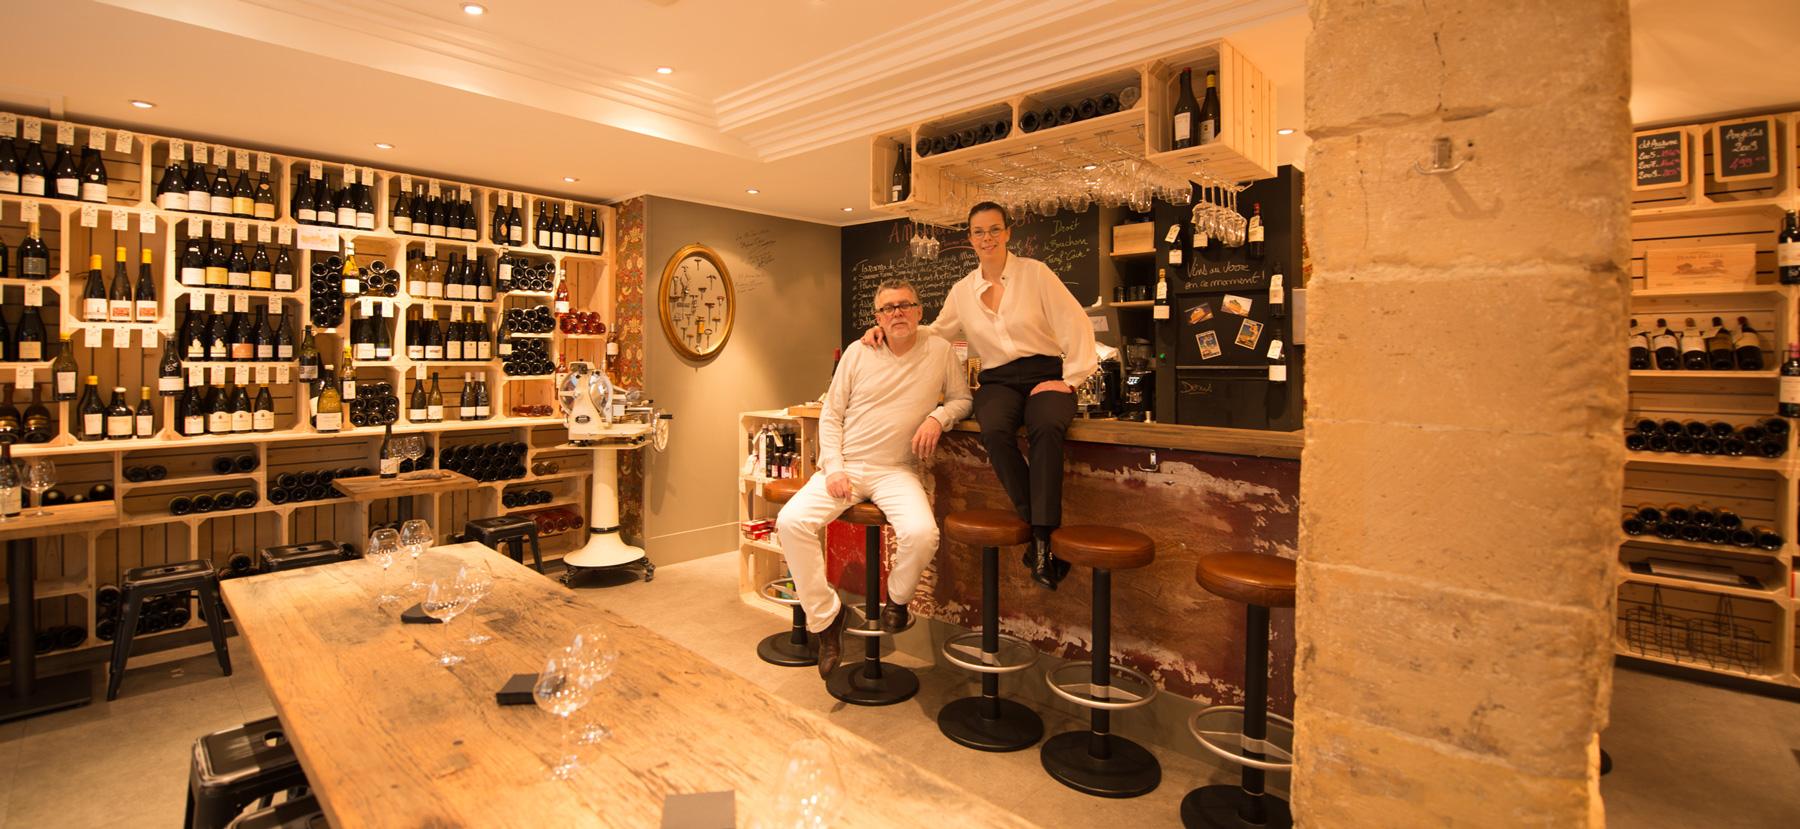 Denis-et-Carole-assise-bar-small.jpg